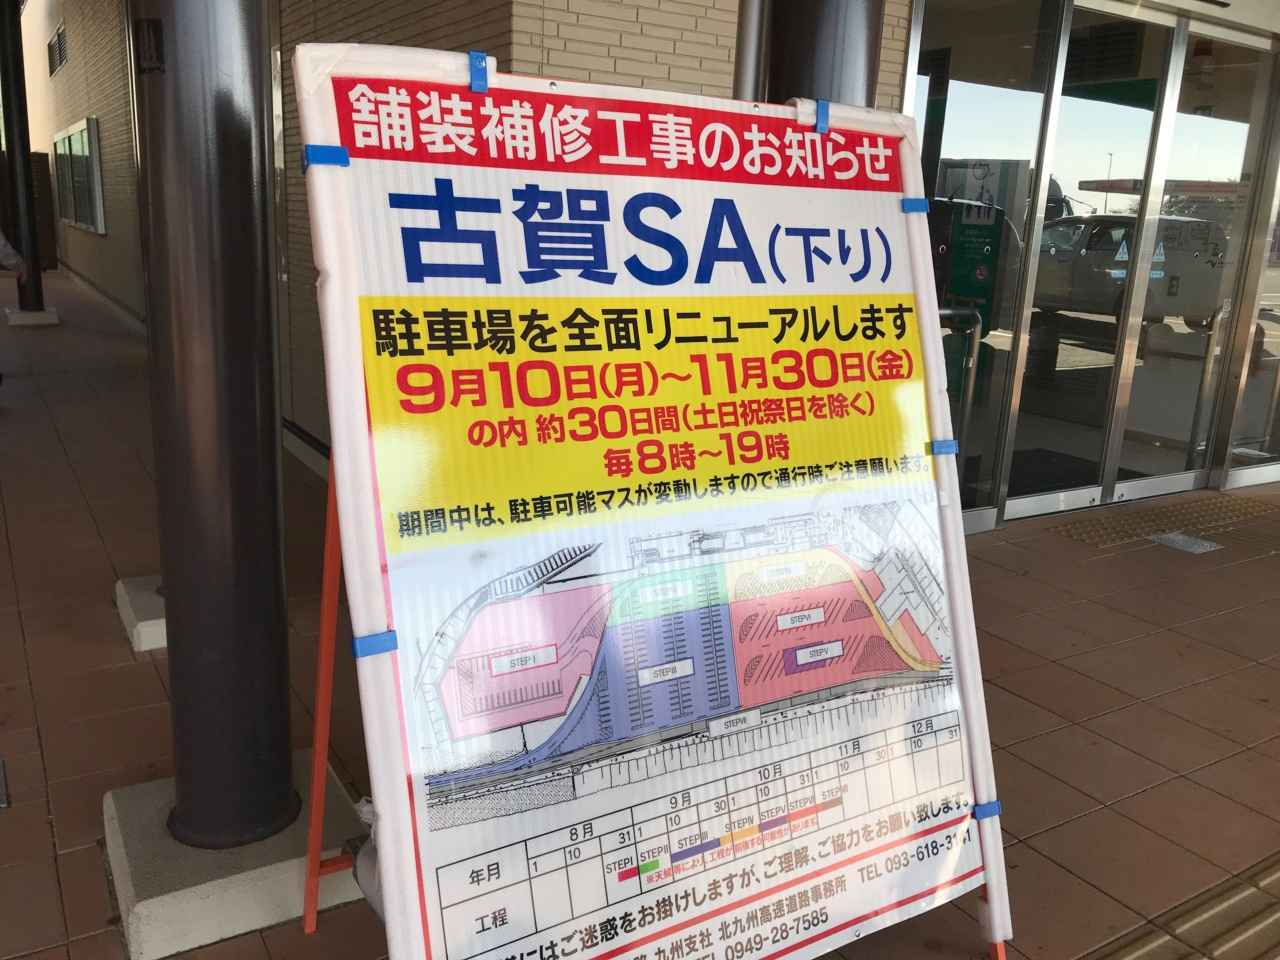 画像: 売店やフードコートはすでにリニューアルされている古賀サービスエリア。駐車スペースは現在リニューアル進行中だ。